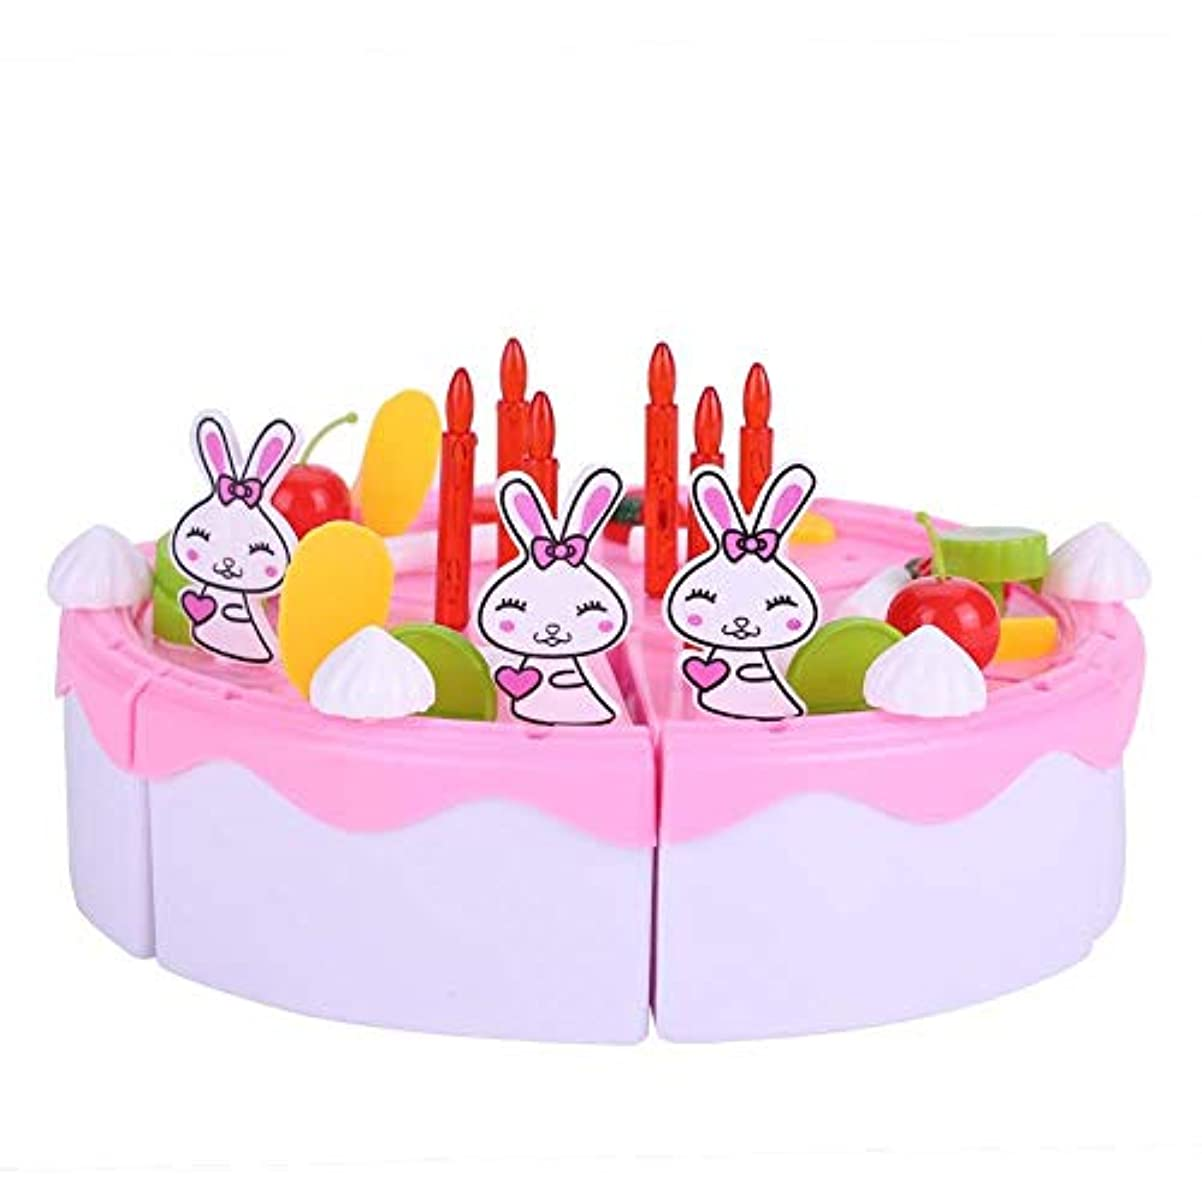 登録する膜応答誕生日ケーキのおもちゃ DIYのケーキおもちゃ 子供のフルーツ誕生日ケーキ切断おもちゃ ロールプレイの食糧切断のおもちゃ(ピンク)